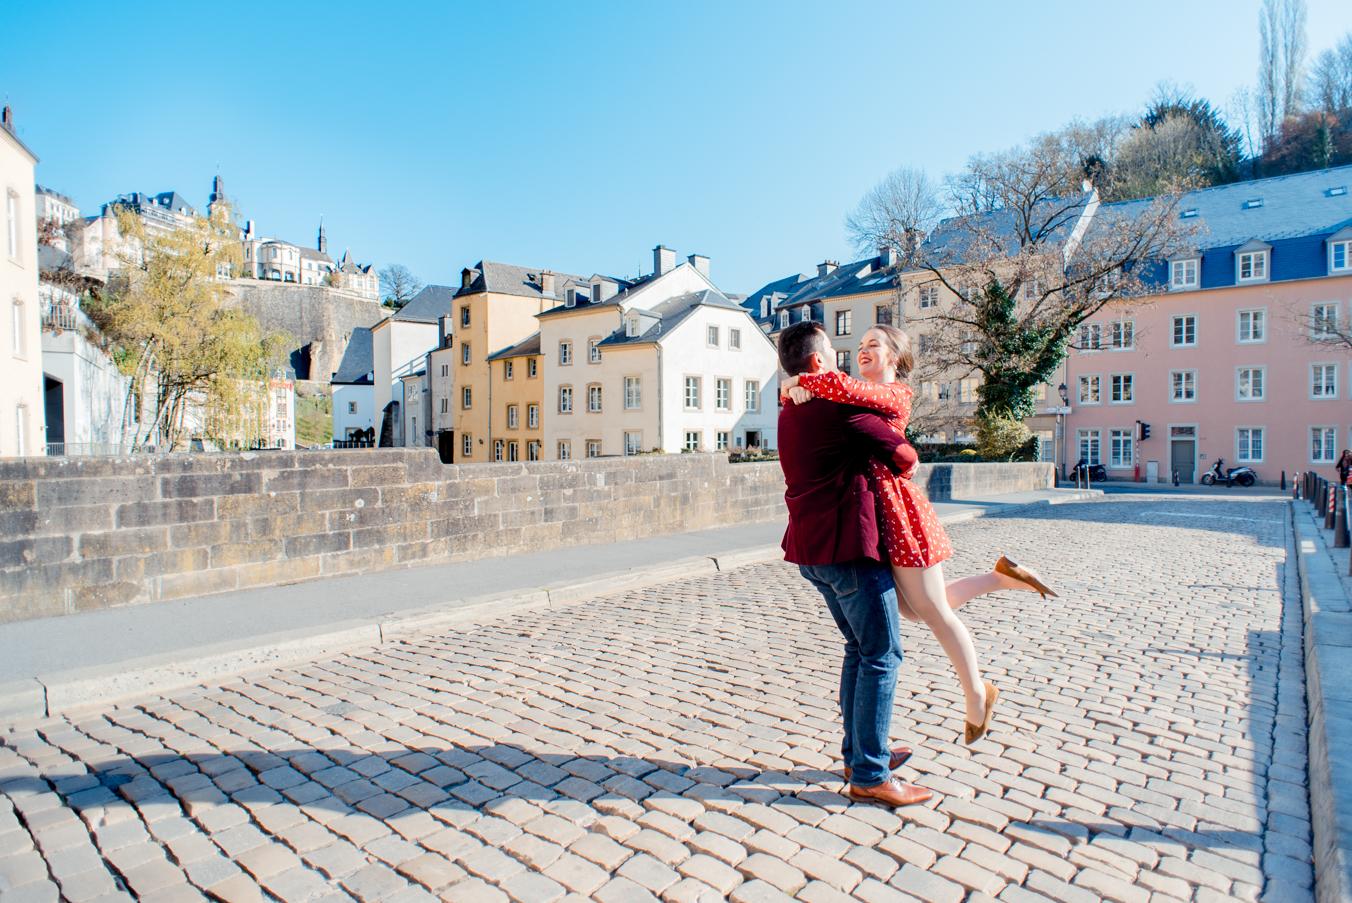 Luxembourg Couple PhoLuxembourg Couple Photographer L'Œil Derrière le Miroirtographer